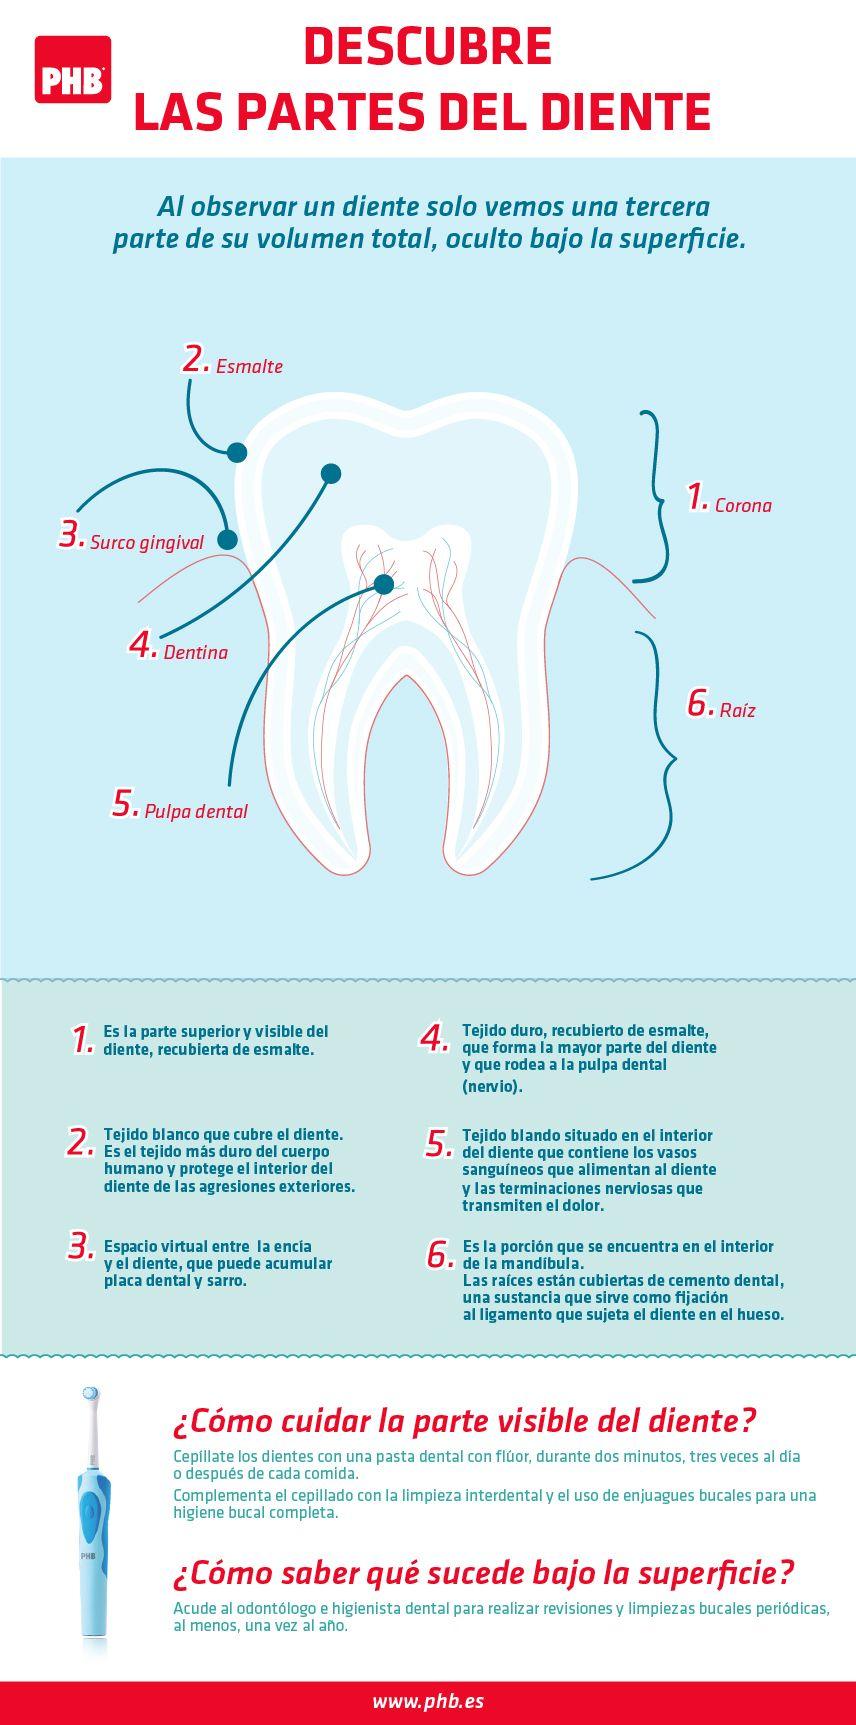 Descubre las partes del diente | DENTISTRY | Pinterest | Partes del ...